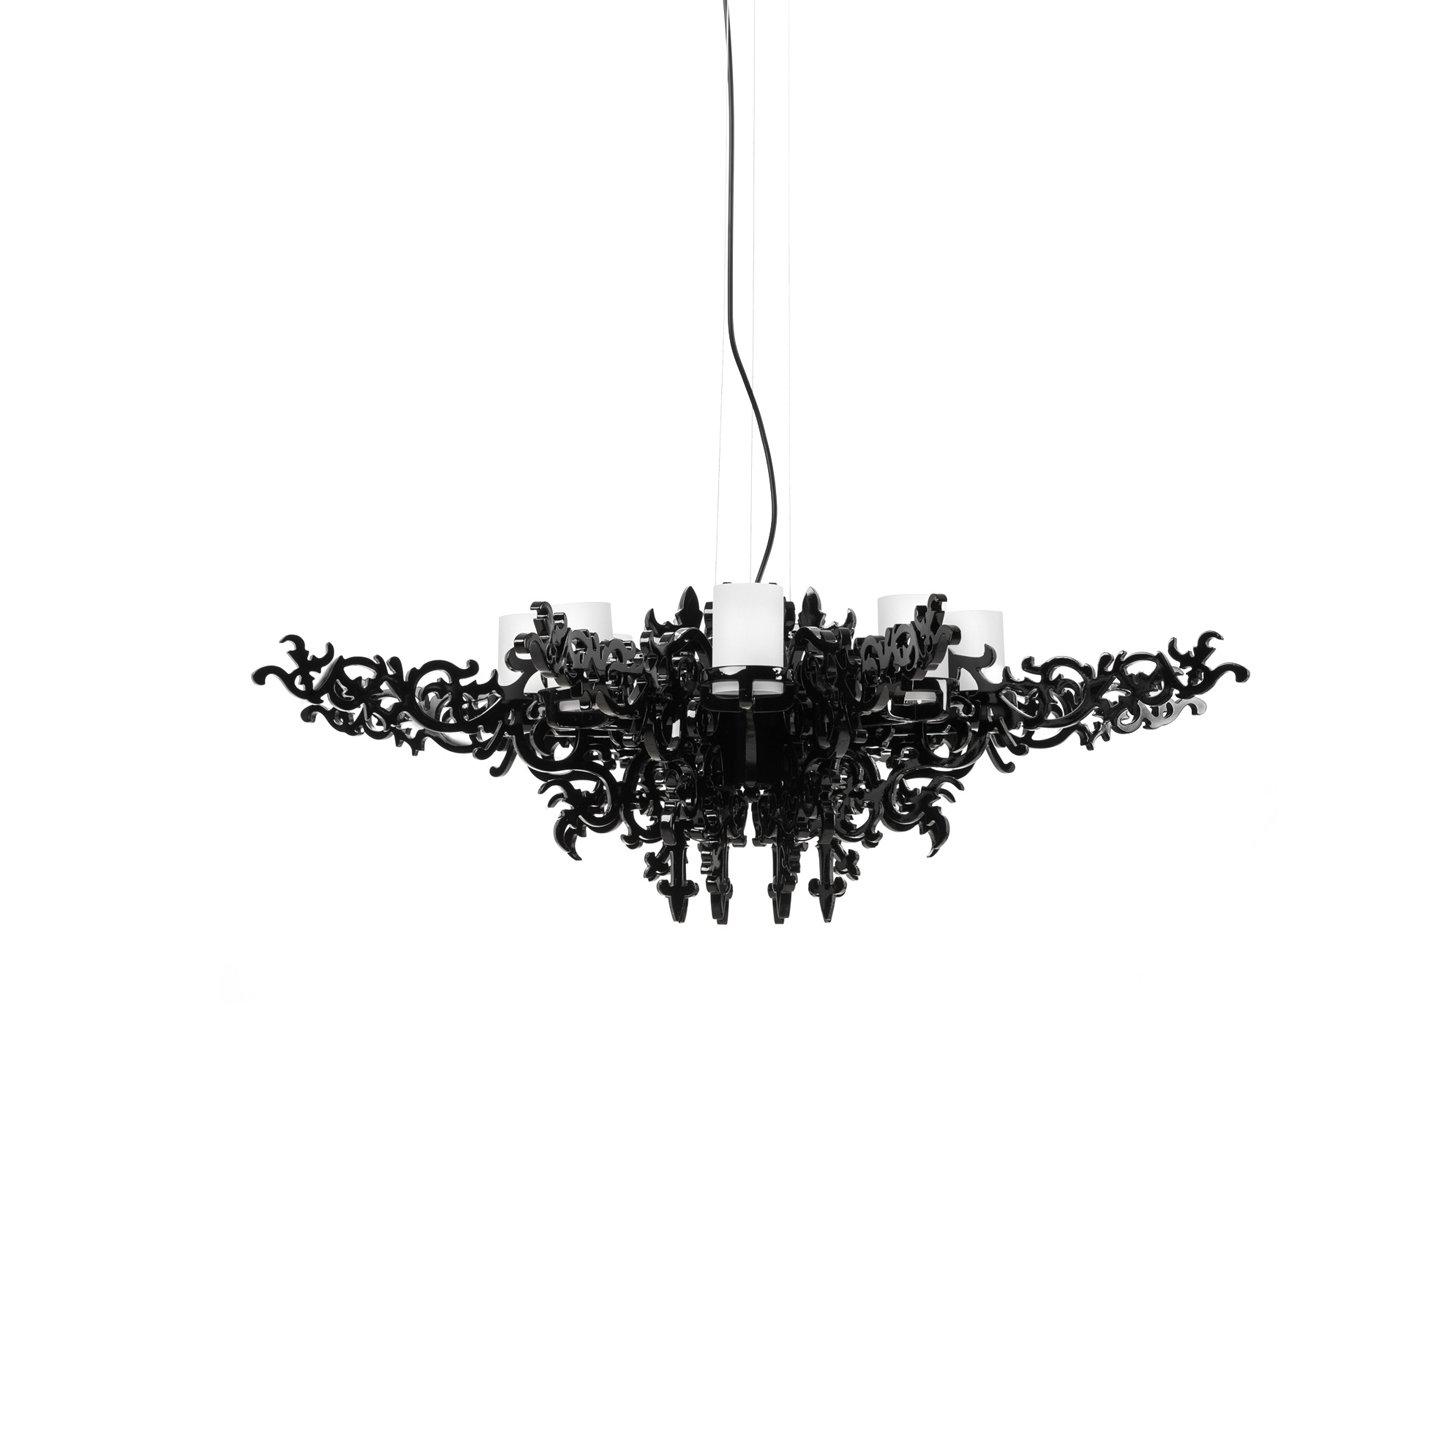 Подвесной светильник Mansion ChandelierПодвесные<br>Люстра Mansion - чистое великолепие, пронизанное викторианской эпохой, но сотворенное уже в наши дни. <br><br><br> Эта чудесная люстра подарит вашей комнате не только приятное освещение, но и удивительную атмосферу изысканности. Налет старины превосходно сочетается с алюминиевыми деталями, созданными при помощи инновационных технологий. Люстра излучает мягкий, но насыщенный свет, который придется к месту и в больших гостевых помещениях, и в маленьких комнатах обычной квартиры.<br><br><br> Ажурные фо...<br><br>stock: 0<br>Высота: 150<br>Диаметр: 100<br>Количество ламп: 8<br>Материал абажура: Стеклопластик<br>Мощность лампы: 40<br>Ламп в комплекте: Нет<br>Напряжение: 220<br>Тип лампы/цоколь: G9<br>Цвет абажура: Черный